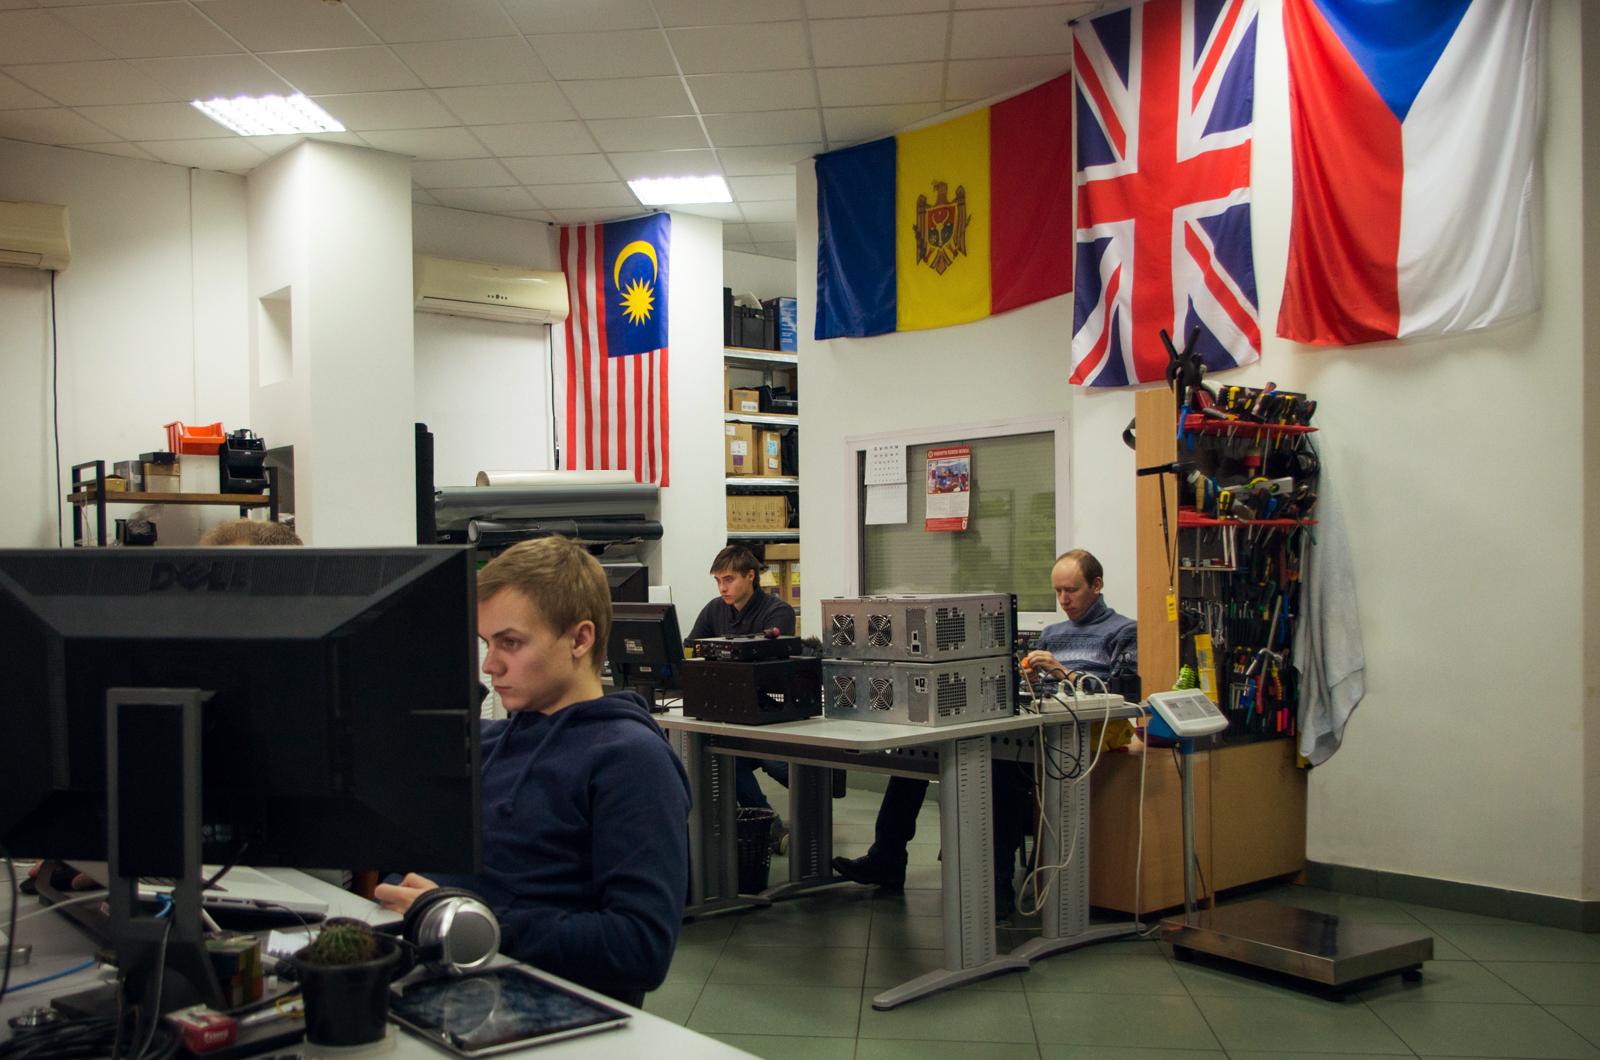 Во Front Pictures есть традиция: вешать в офисе флаг каждой страны, в которой компания делала проект. Сейчас ими завешаны все помещения компании.